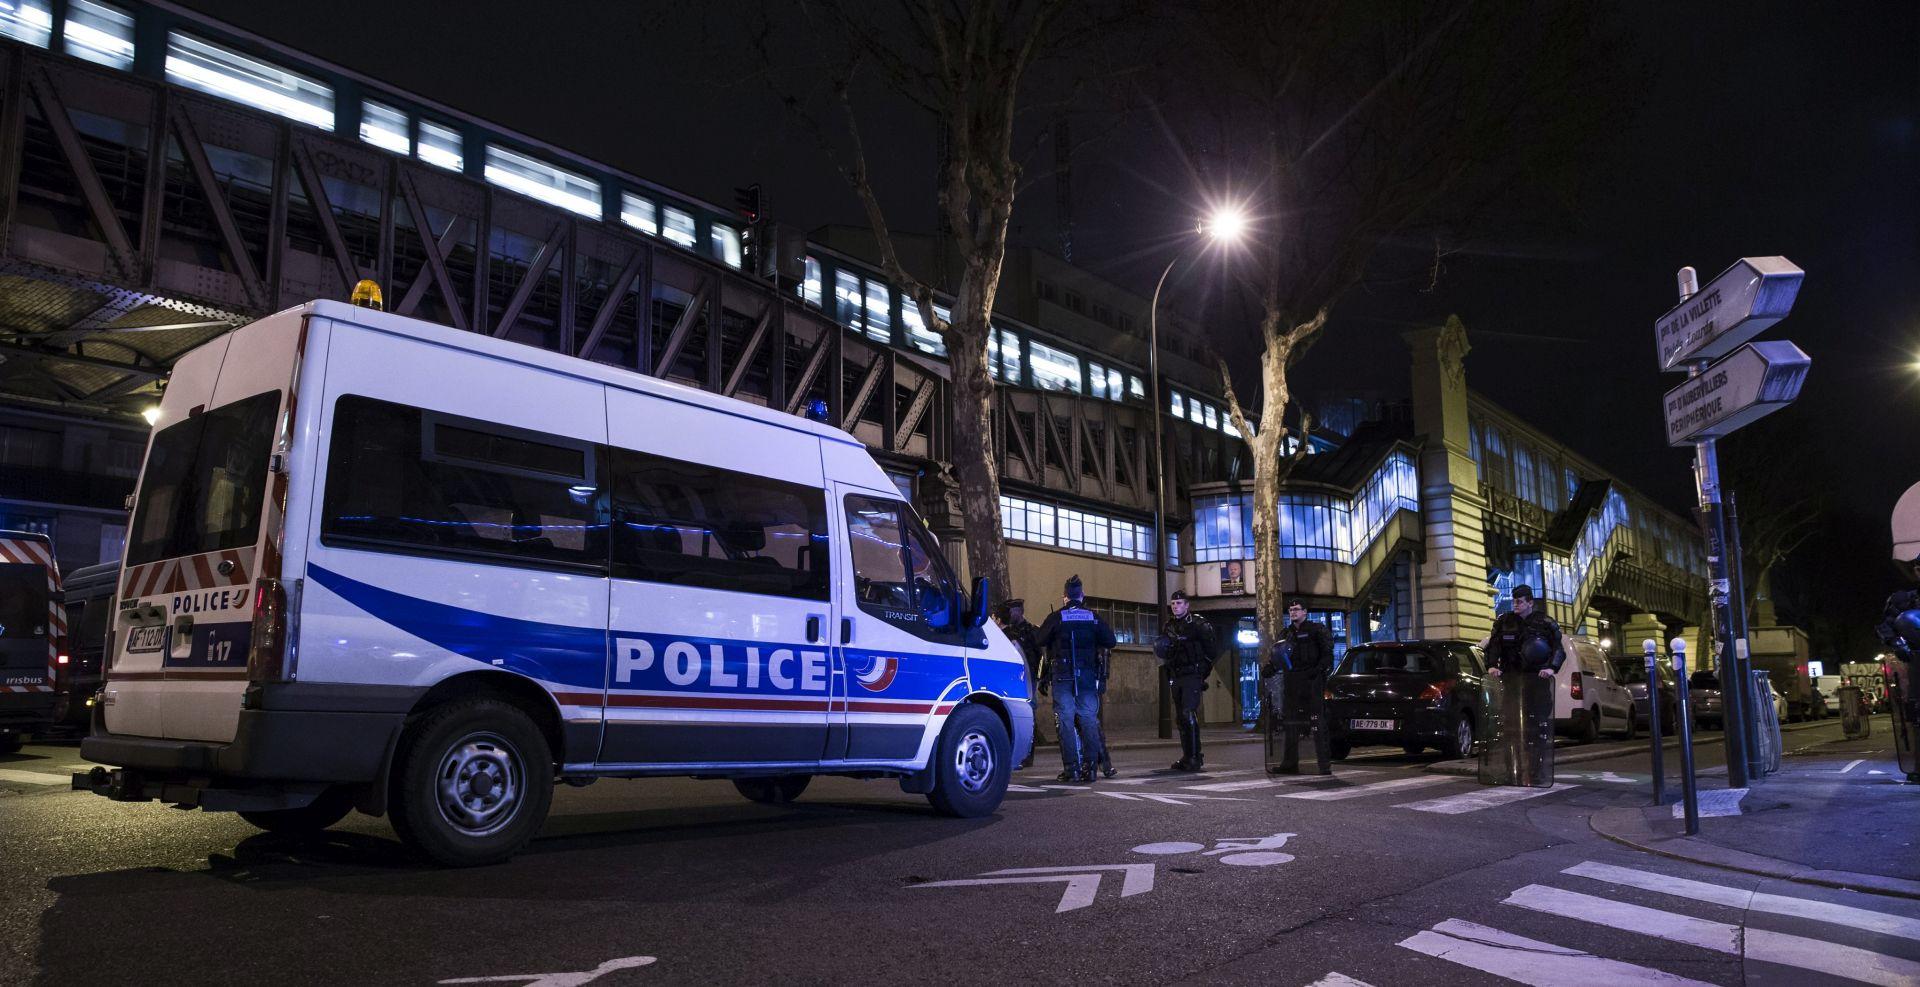 SPRIJEČEN NOVI NAPAD U PARIZU: U Francuskoj uhićen džihadist zbog sumnji u planiranje novih napada